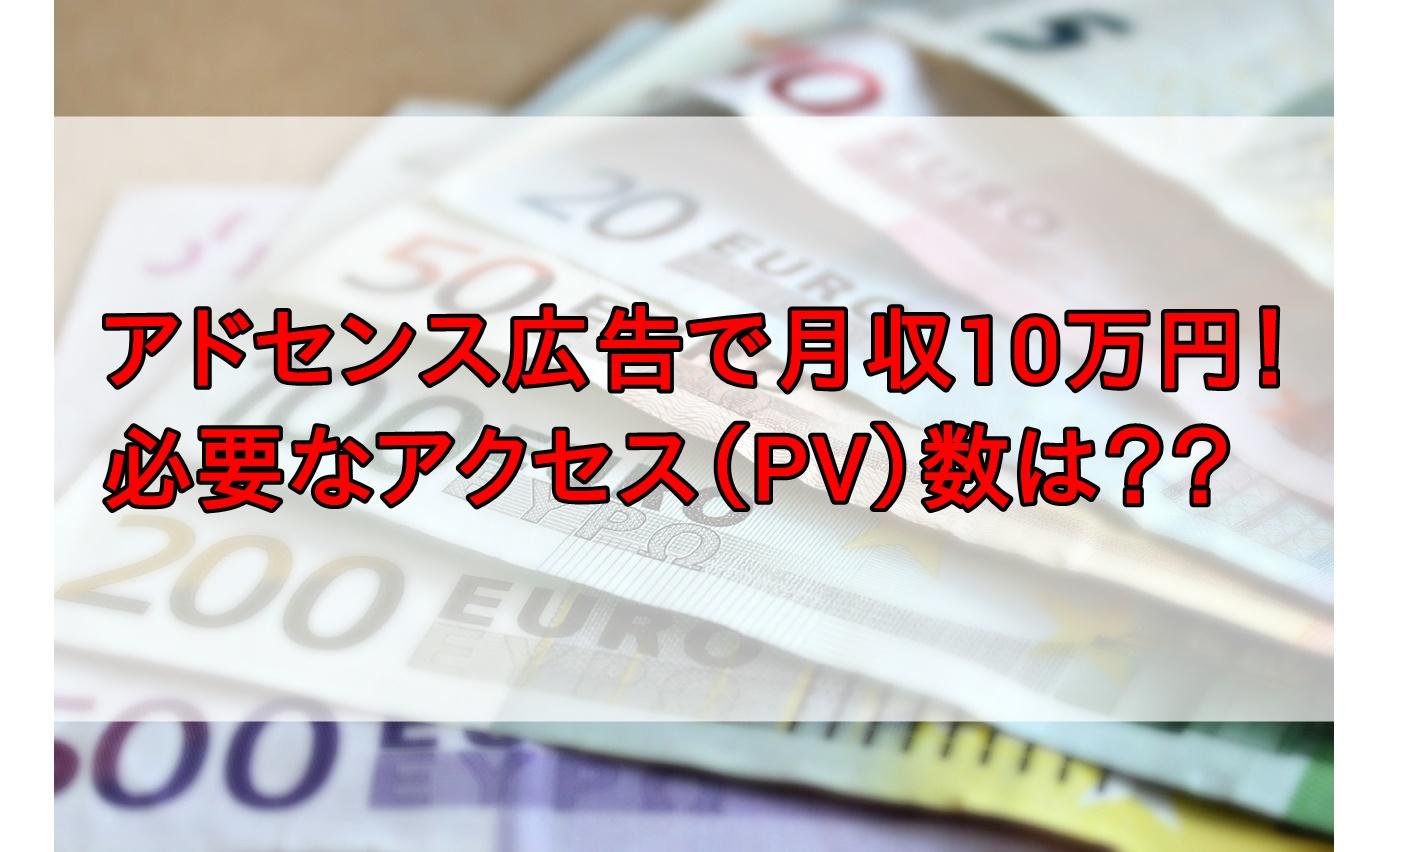 アドセンス月収10万円